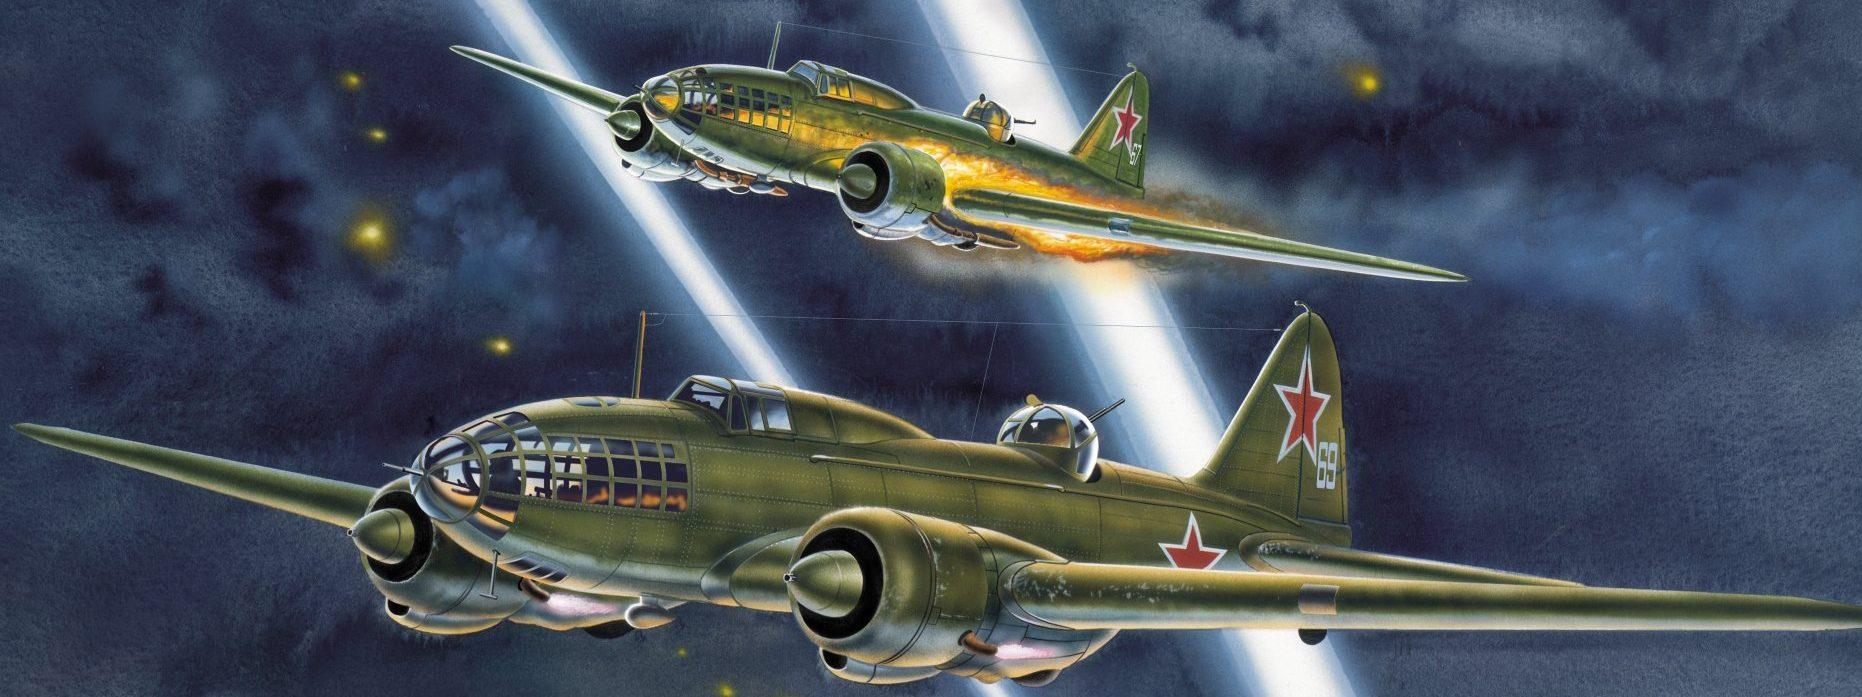 Greer Don. Бомбардировщик Ил-4.